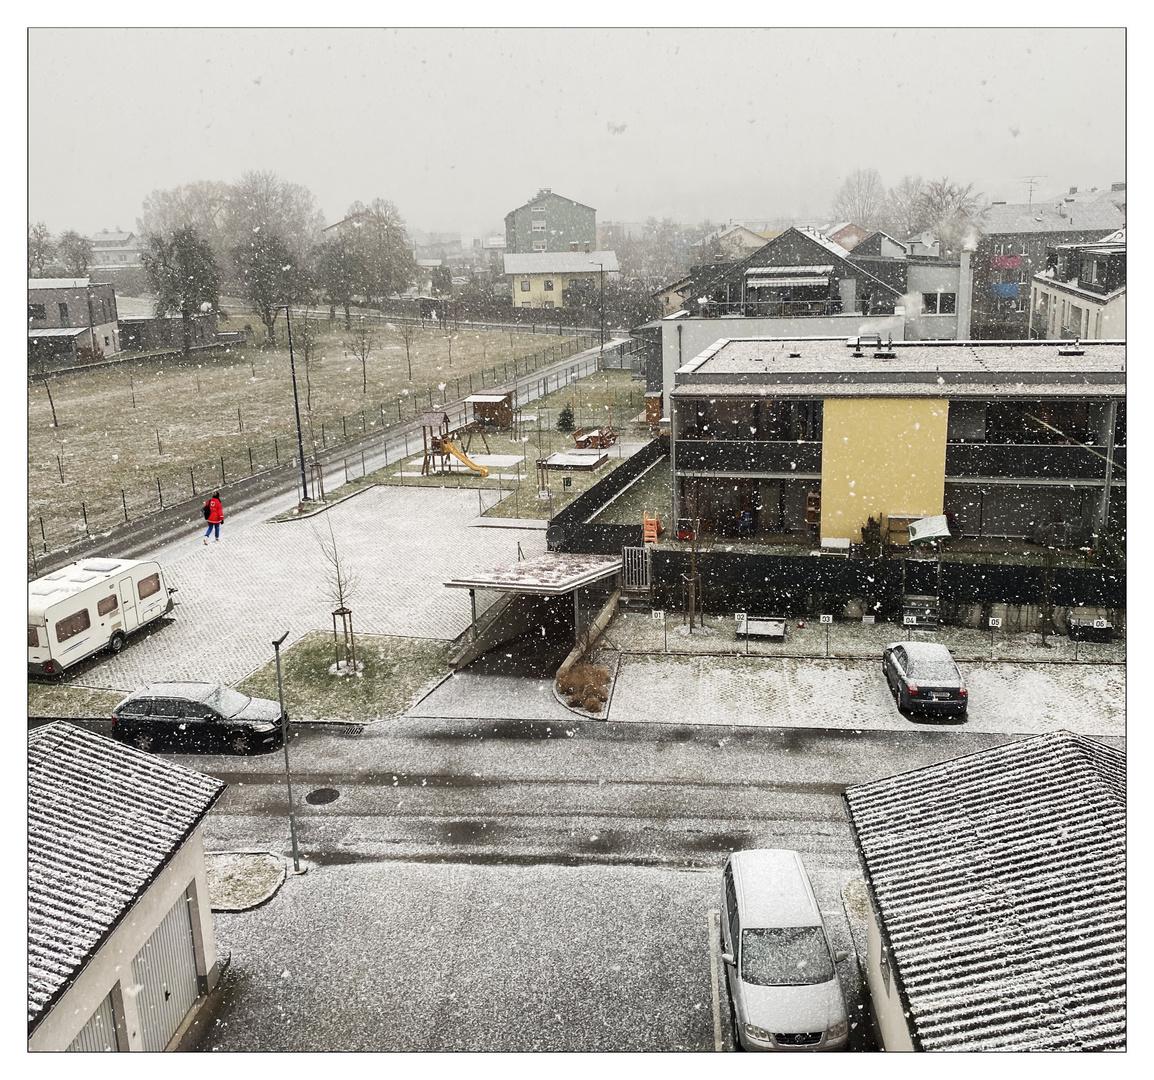 endlich Schnee!